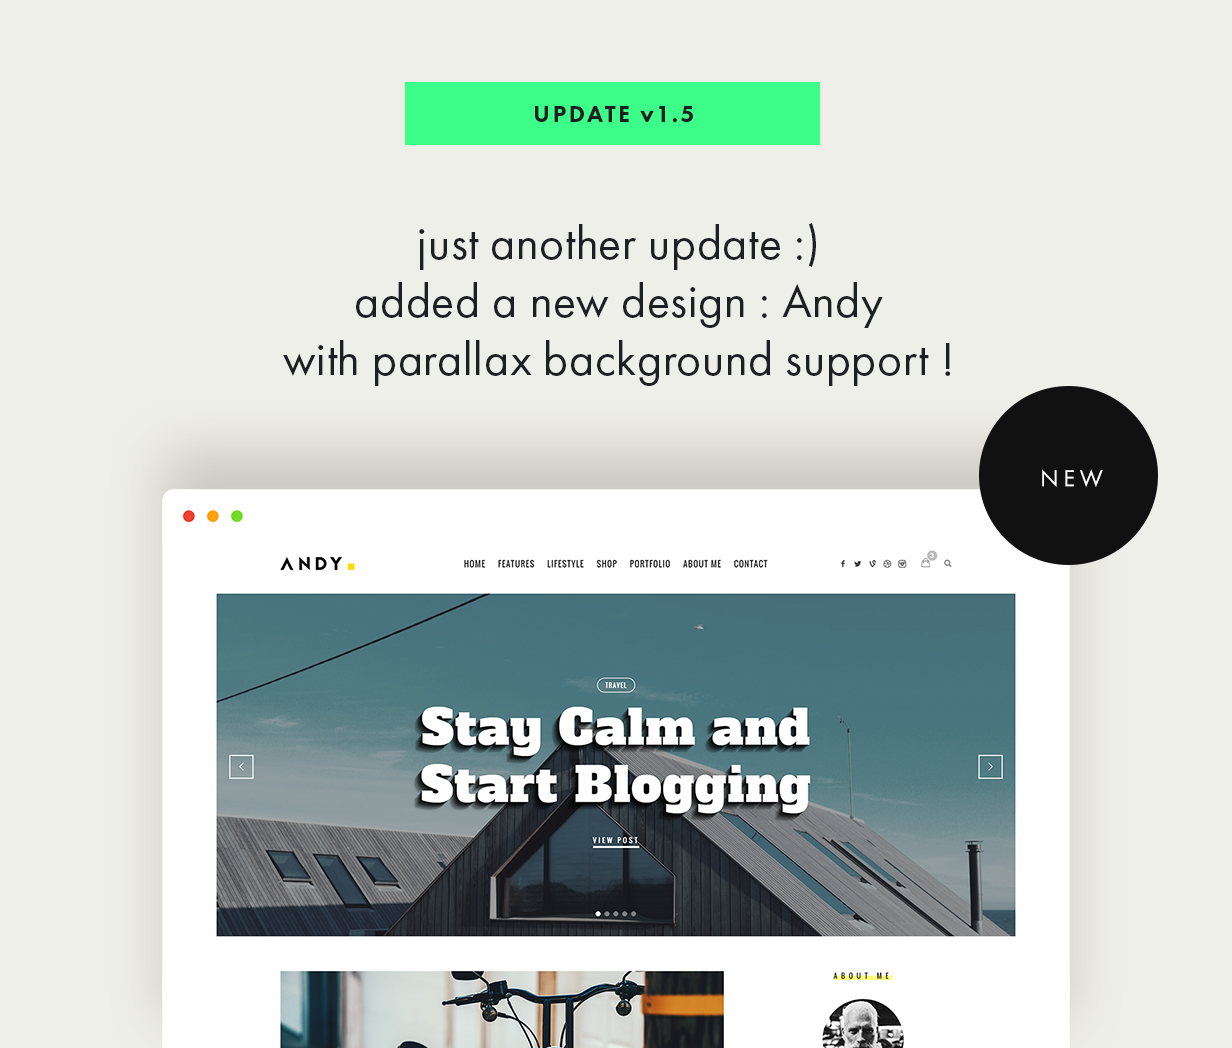 theblogger theme update v1.5